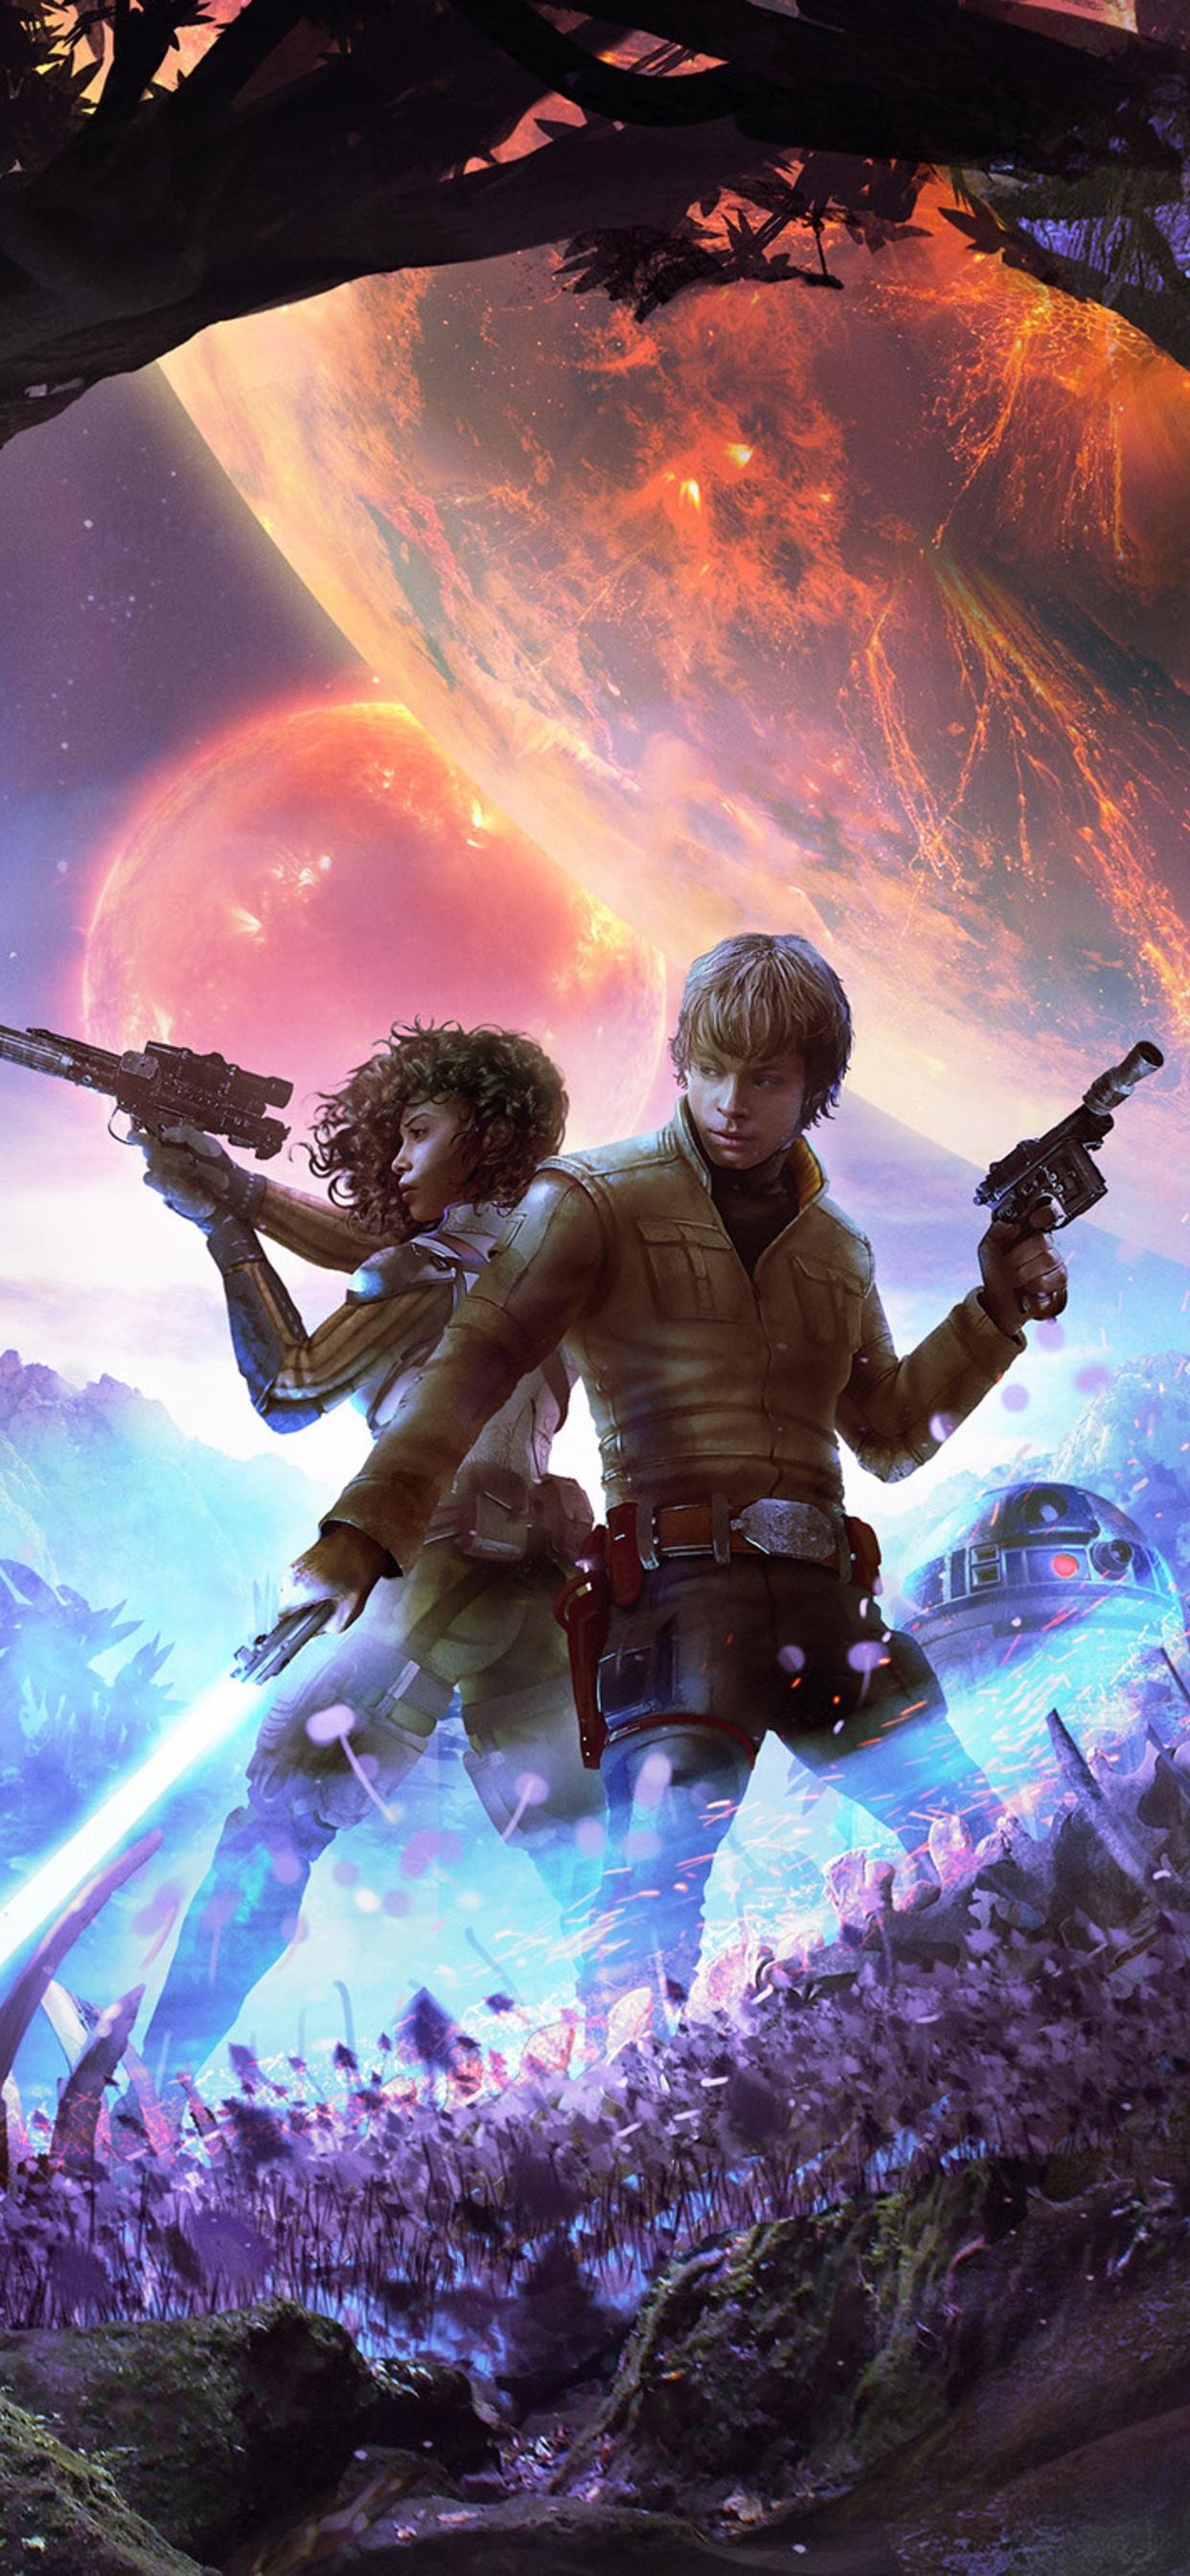 1242x2688 Star Wars Luke Skywalker R2 D2 Scifi Artwork